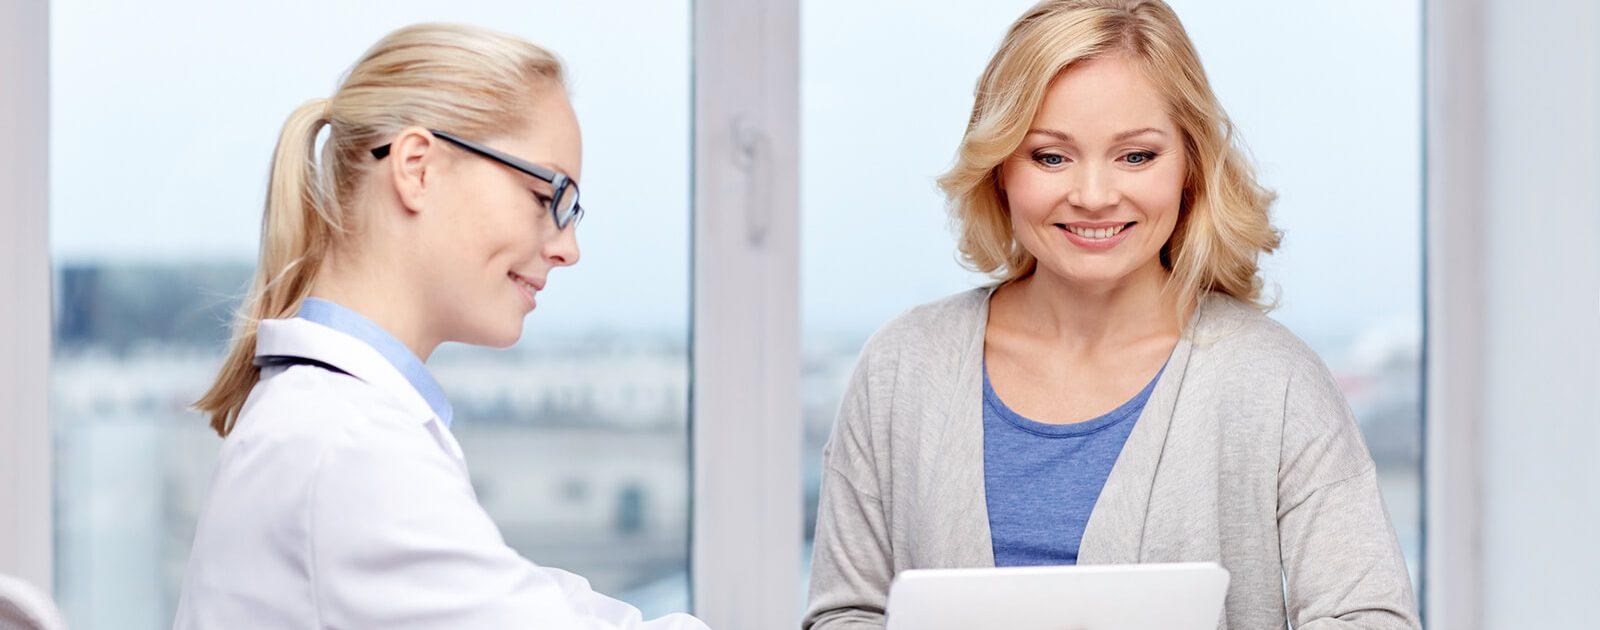 Eine Ärztin berät eine Patientin zur Behandlung & Entfernung von Marisken